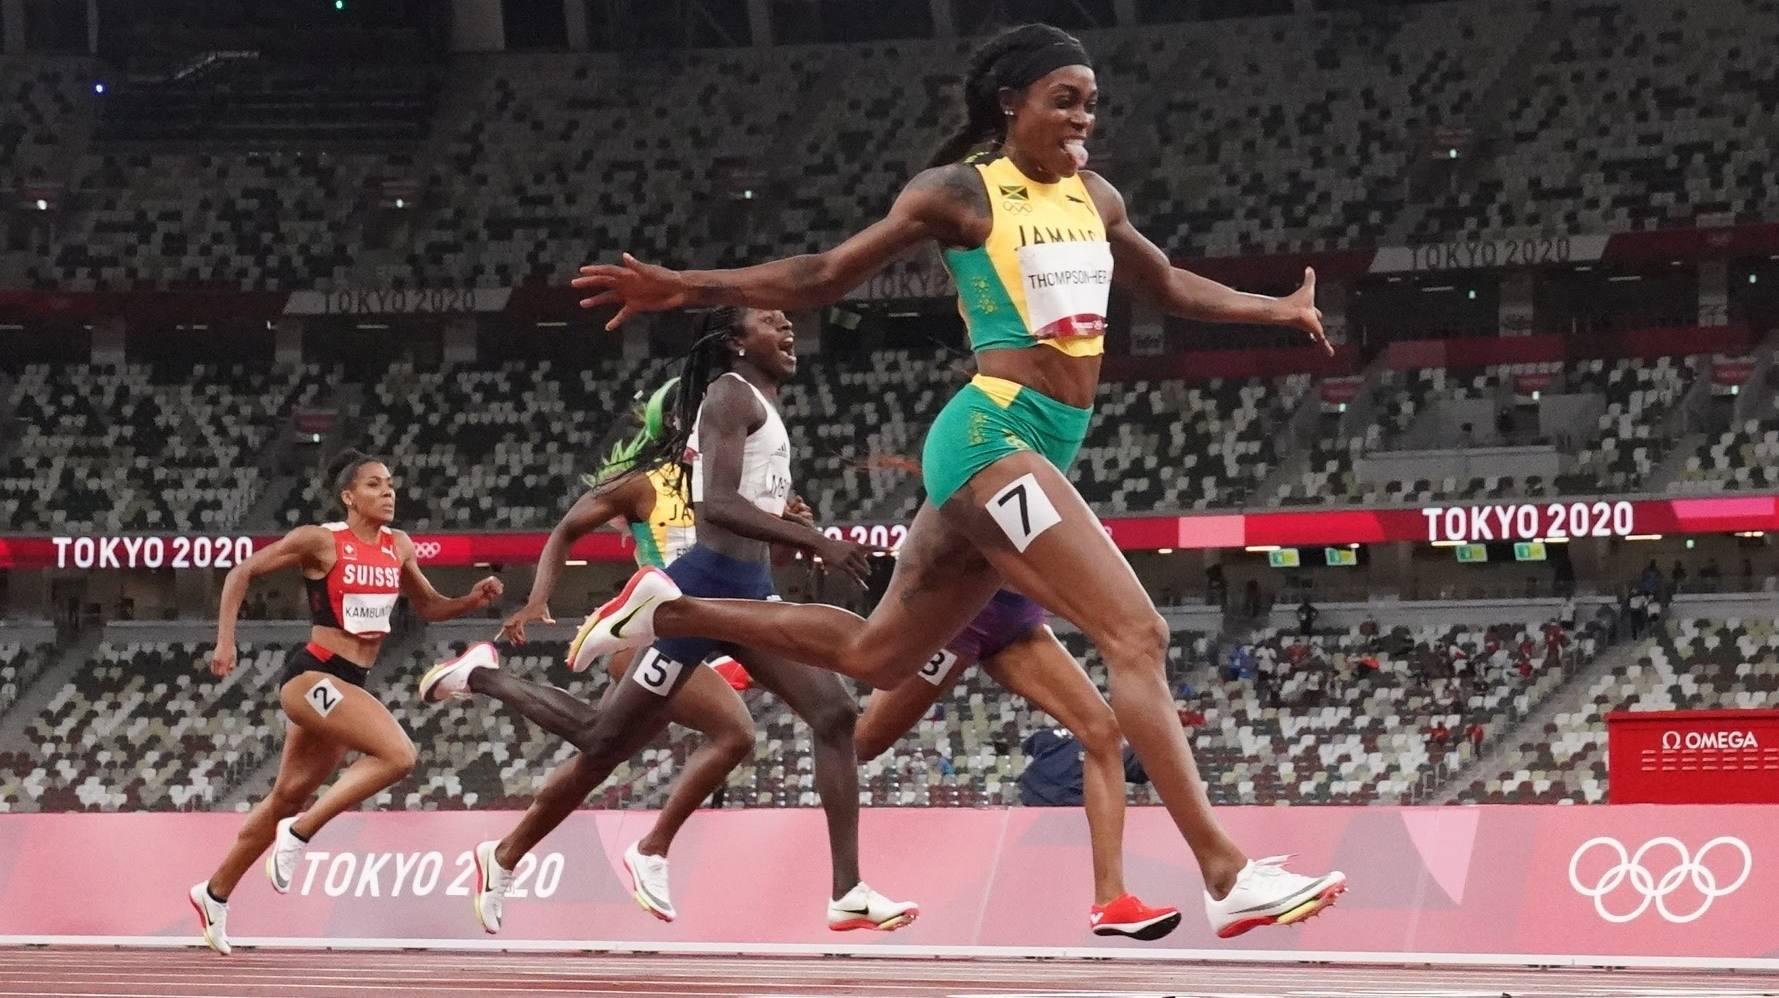 Thompson-Herah mừng chiến thắng trên đường chạy chung kết 200m nữ Olympic Tokyo 2020 tối 3/8. Ảnh: Reuters